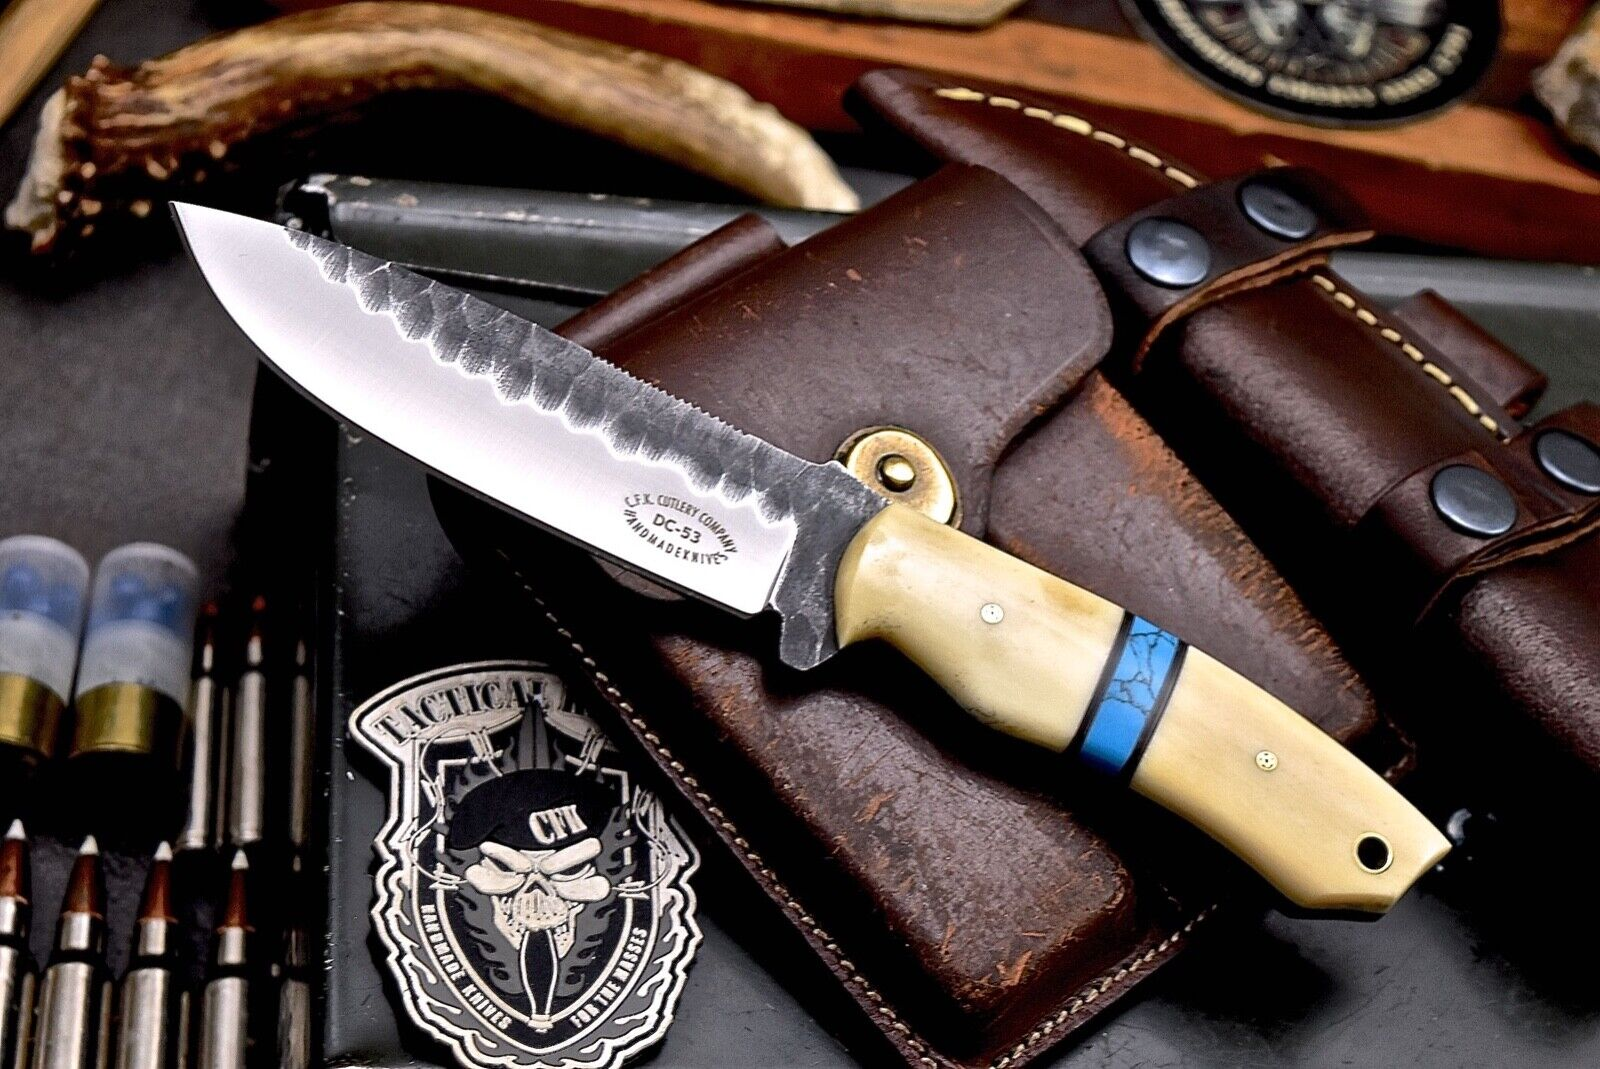 CFK-Handmade Hammered DC53 Tool Steel Custom Camel Bone Turquoise Skinner Knife - $0.99